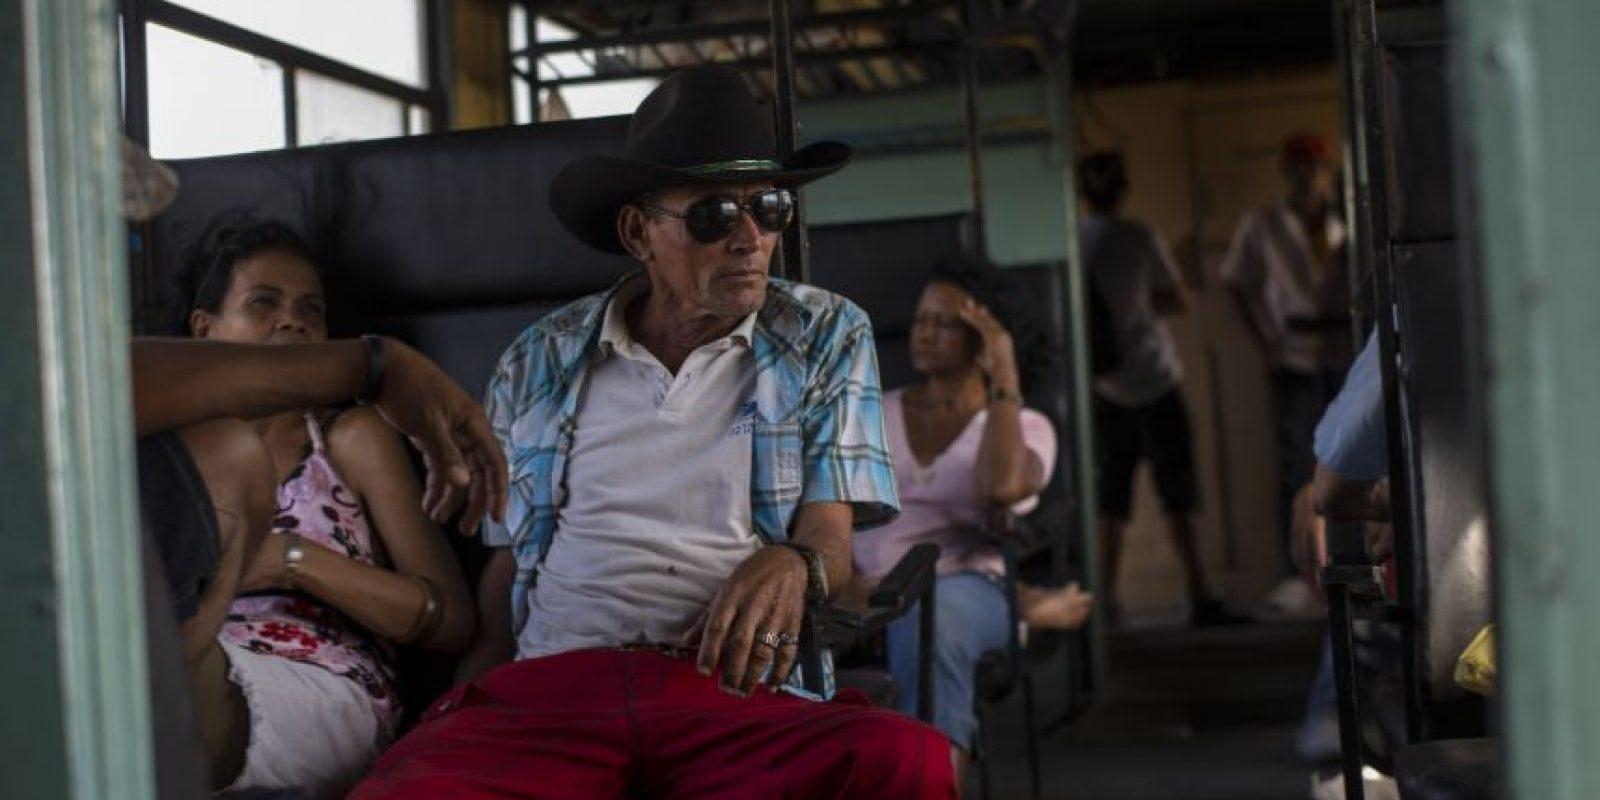 En esta fotografía del 23 de marzo de 2015, un vaquero viaja en tren a Santa Clara para participar en un rodeo mientras el tren se desplaza por la provincia de Holguín, en Cuba. De este a oeste, los trenes ofrecen una vista de Cuba en cámara lenta y alta definición que pocos extranjeros ven alguna vez. Foto:AP Photo/ Ramón Espionsa